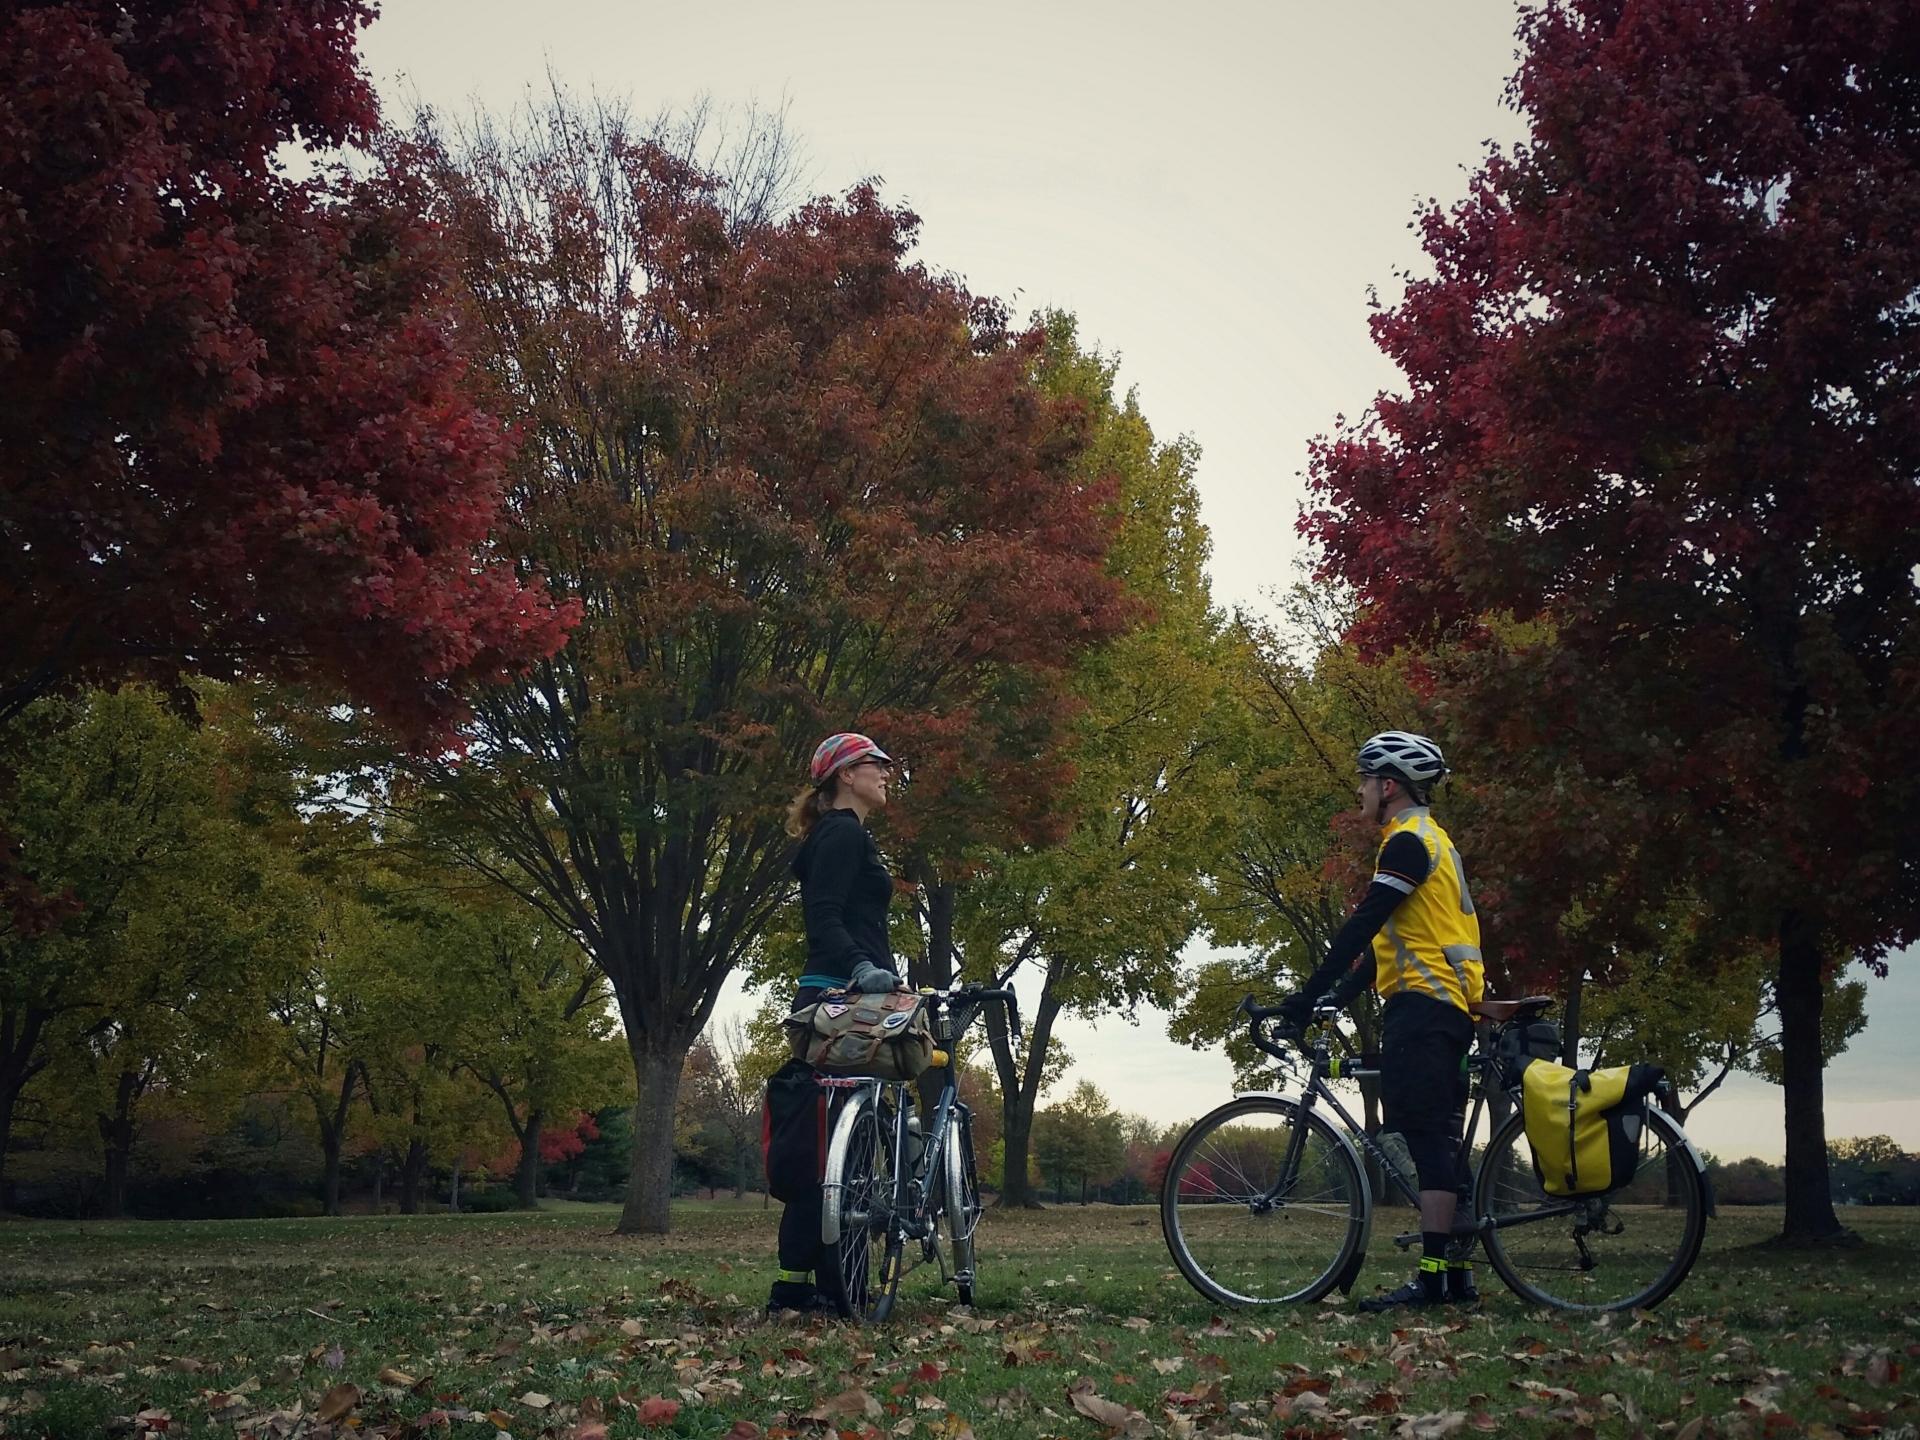 Felkerino and me BikeDC.jpg